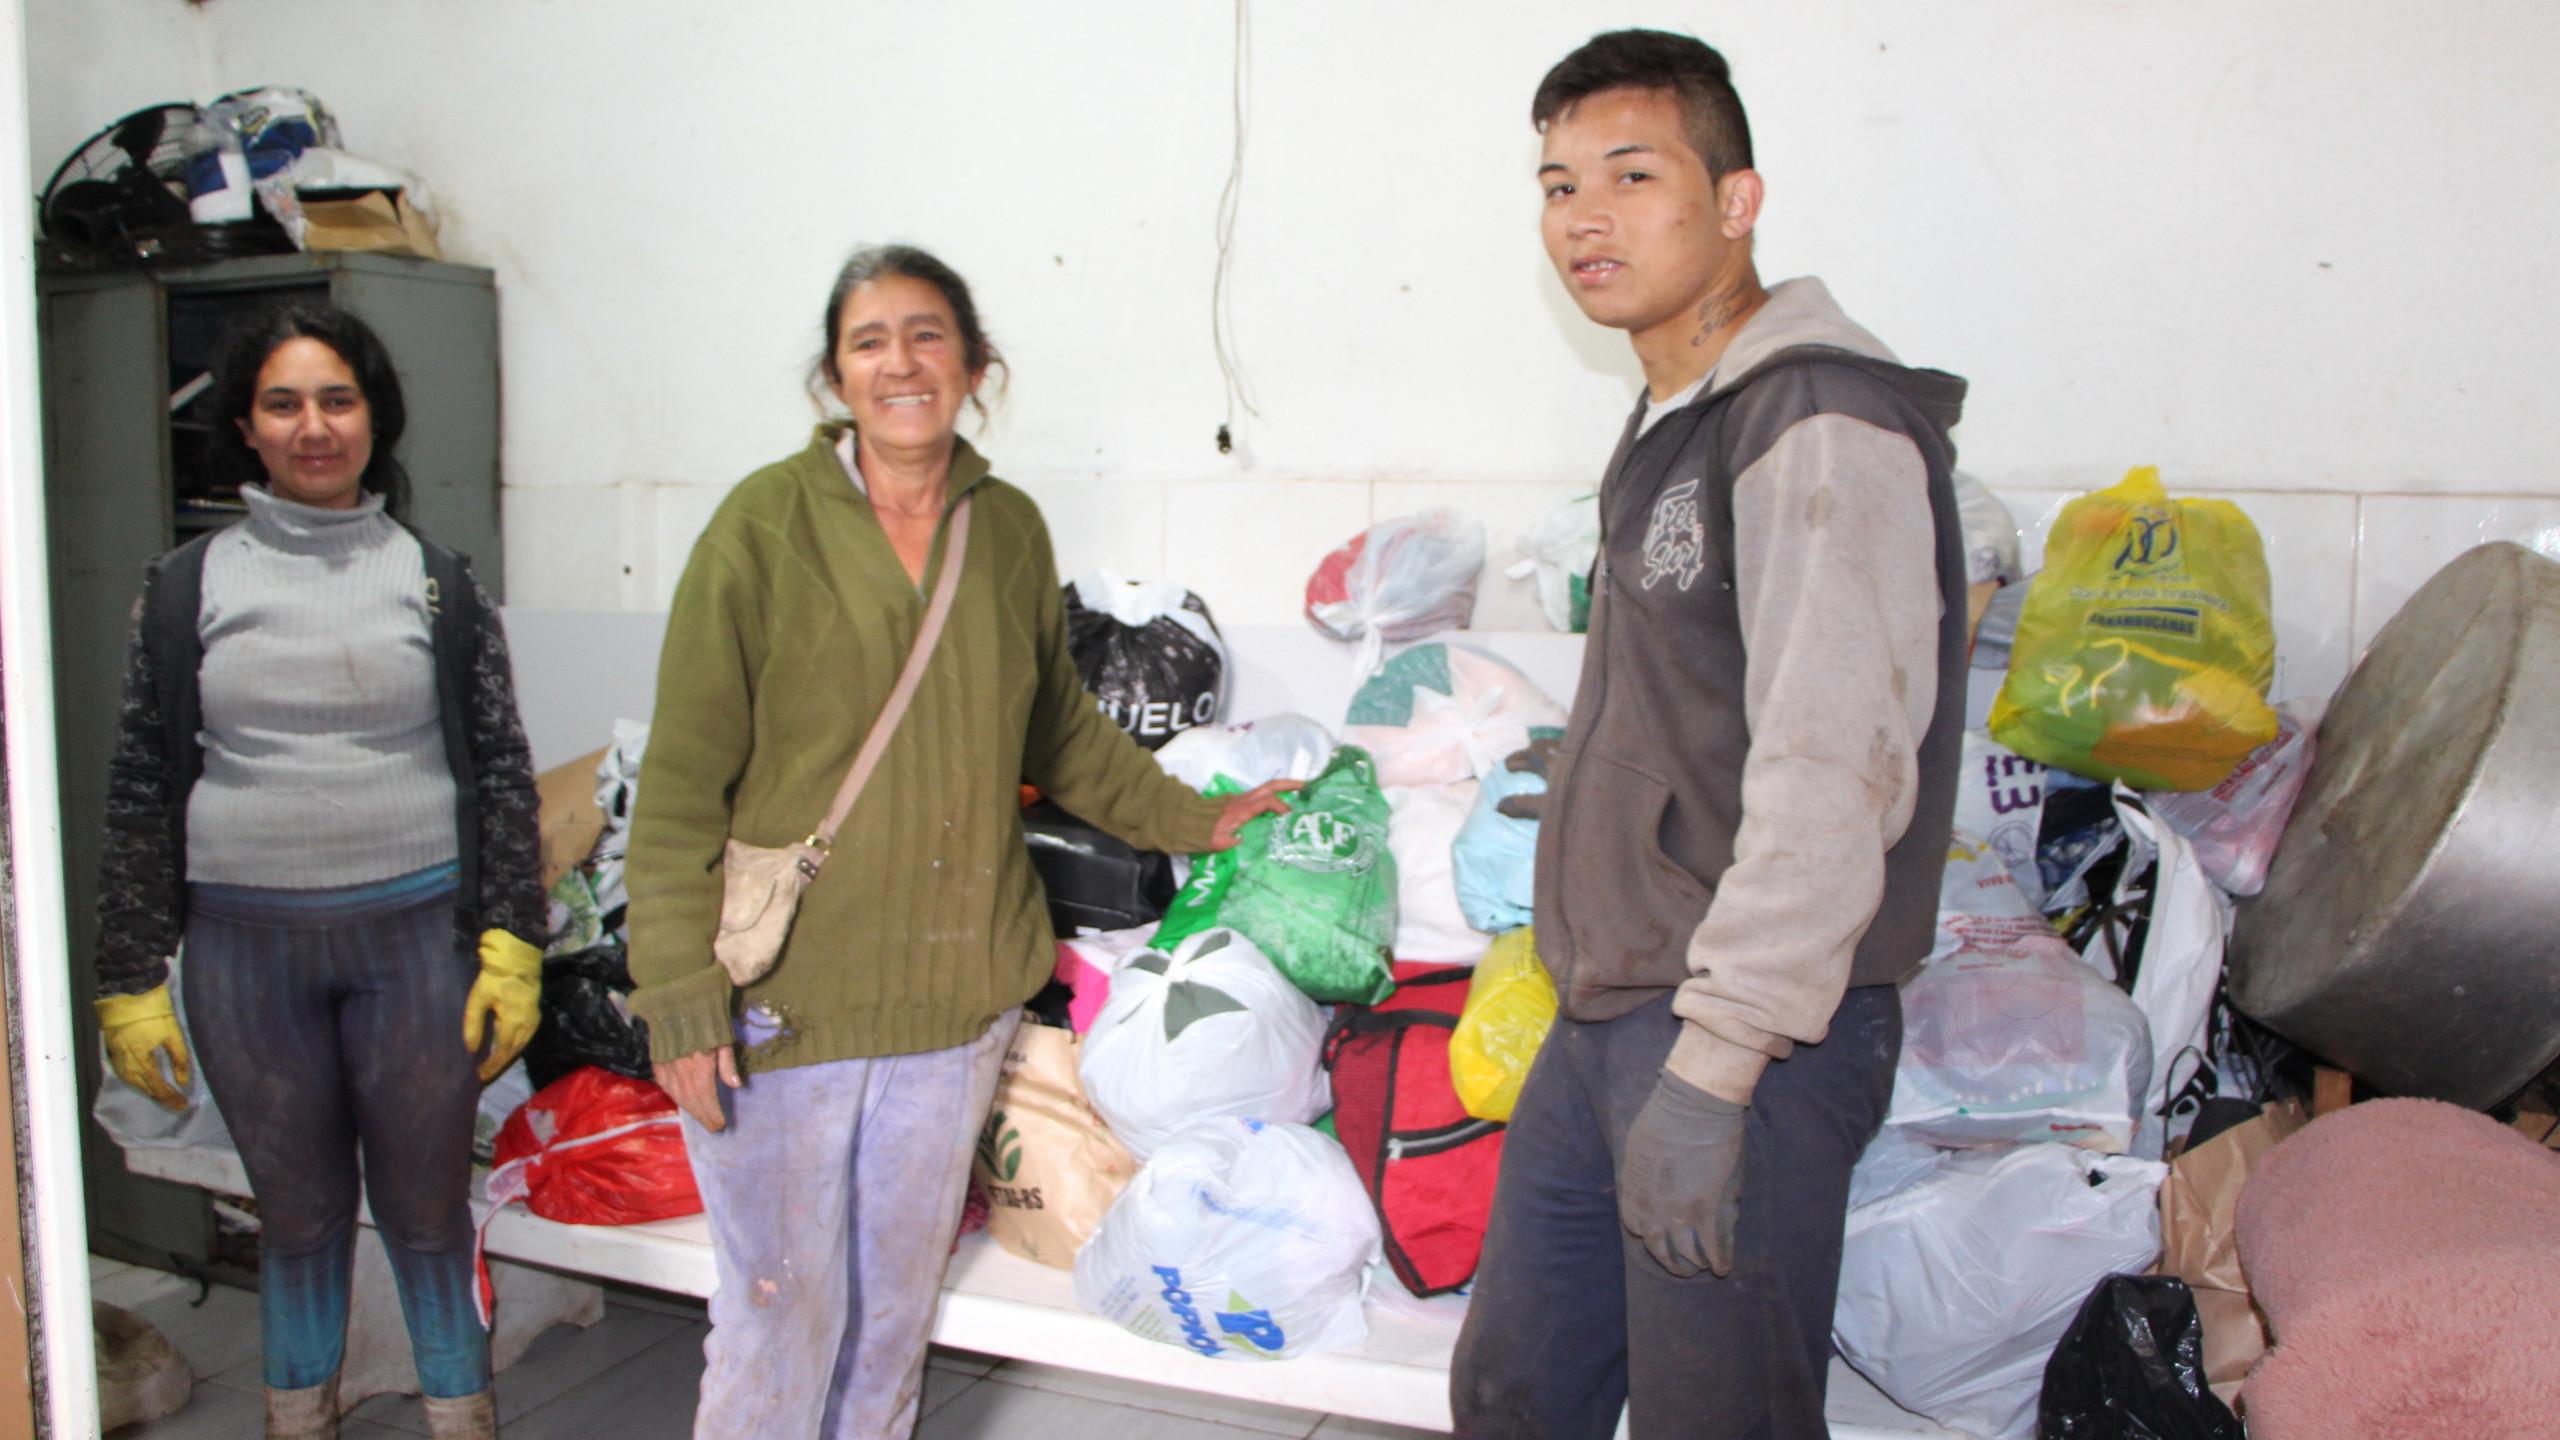 Doações de roupas e calçados para associação Asmavi, de Chapecó, no dia 06/09/2019